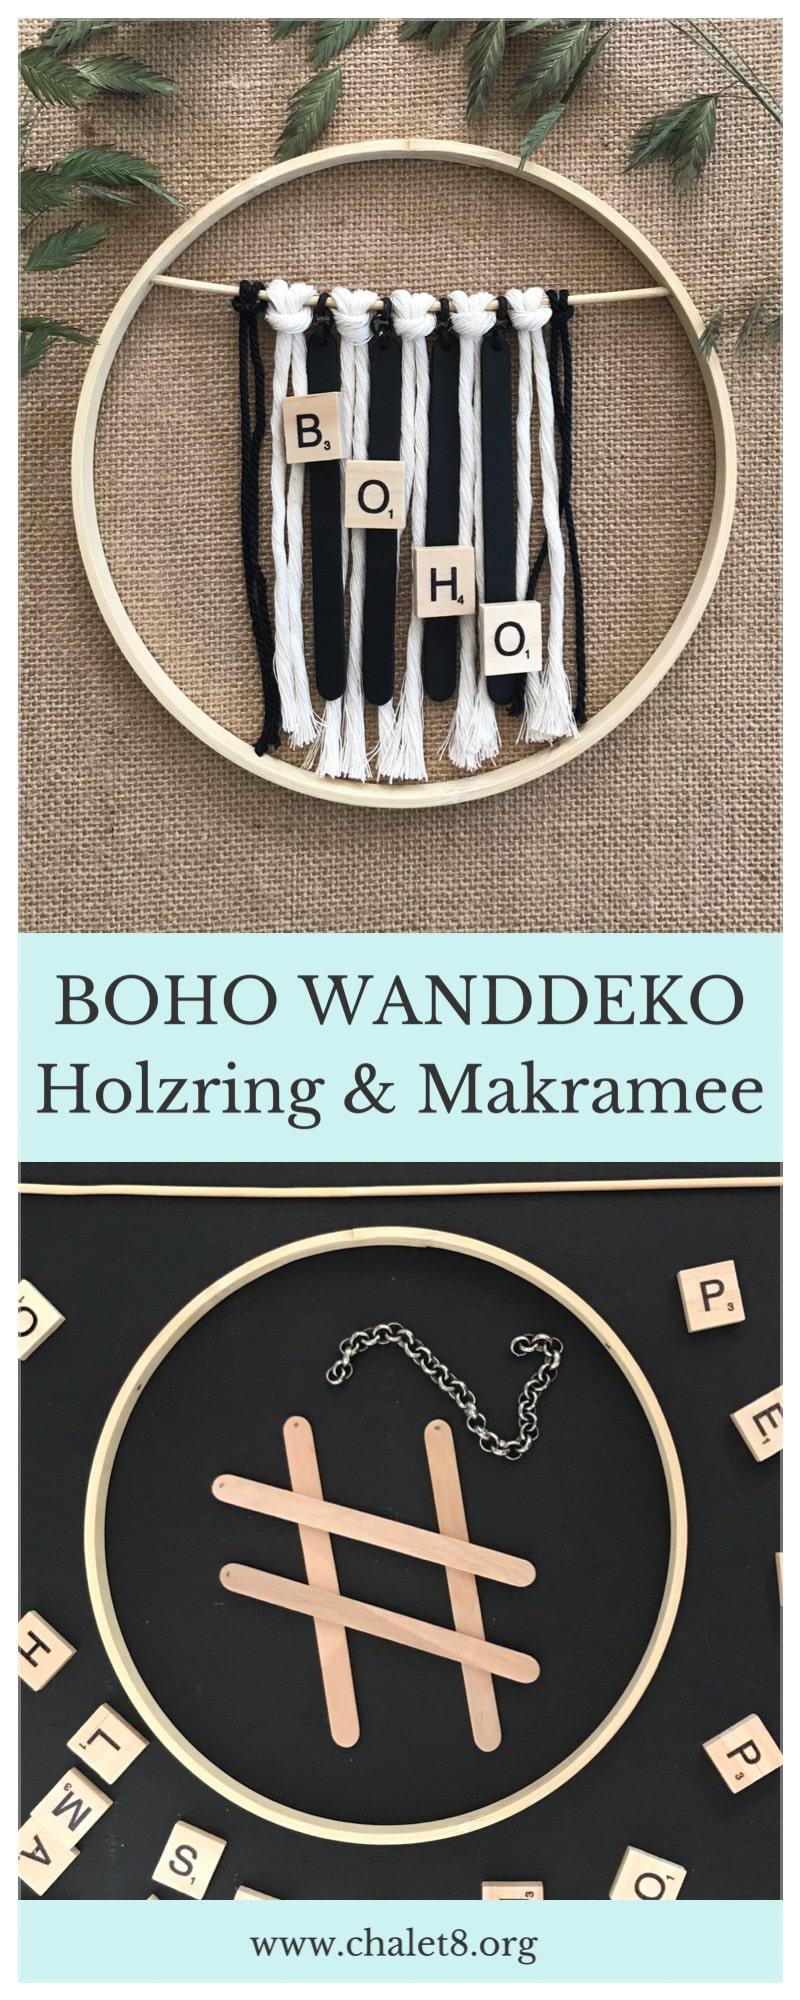 DIY: Boho Wanddeko mit Holzring und Makramee. Boho Deko einfach selber machen. Eine schöne Kranz Idee #chalet8 #bohodeko #kranz #kranzidee